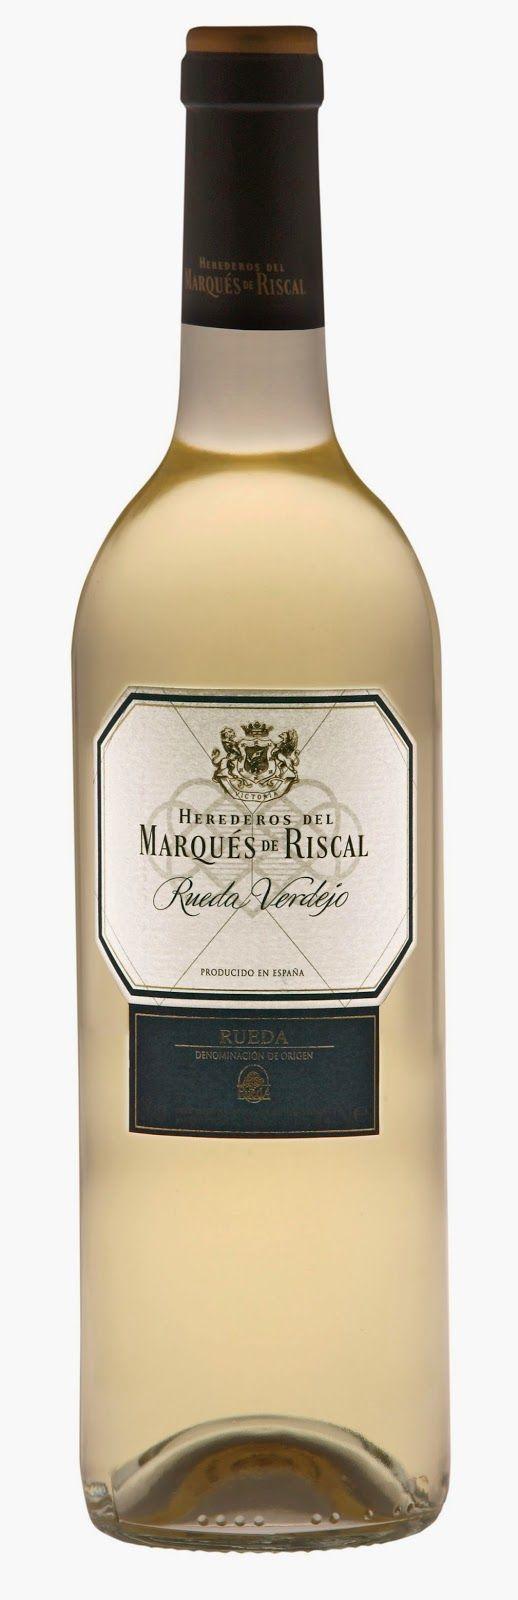 Disfrutar el Vino y Otras Delicias: MARQUES DE RISCAL, Rueda Verdejo 2013